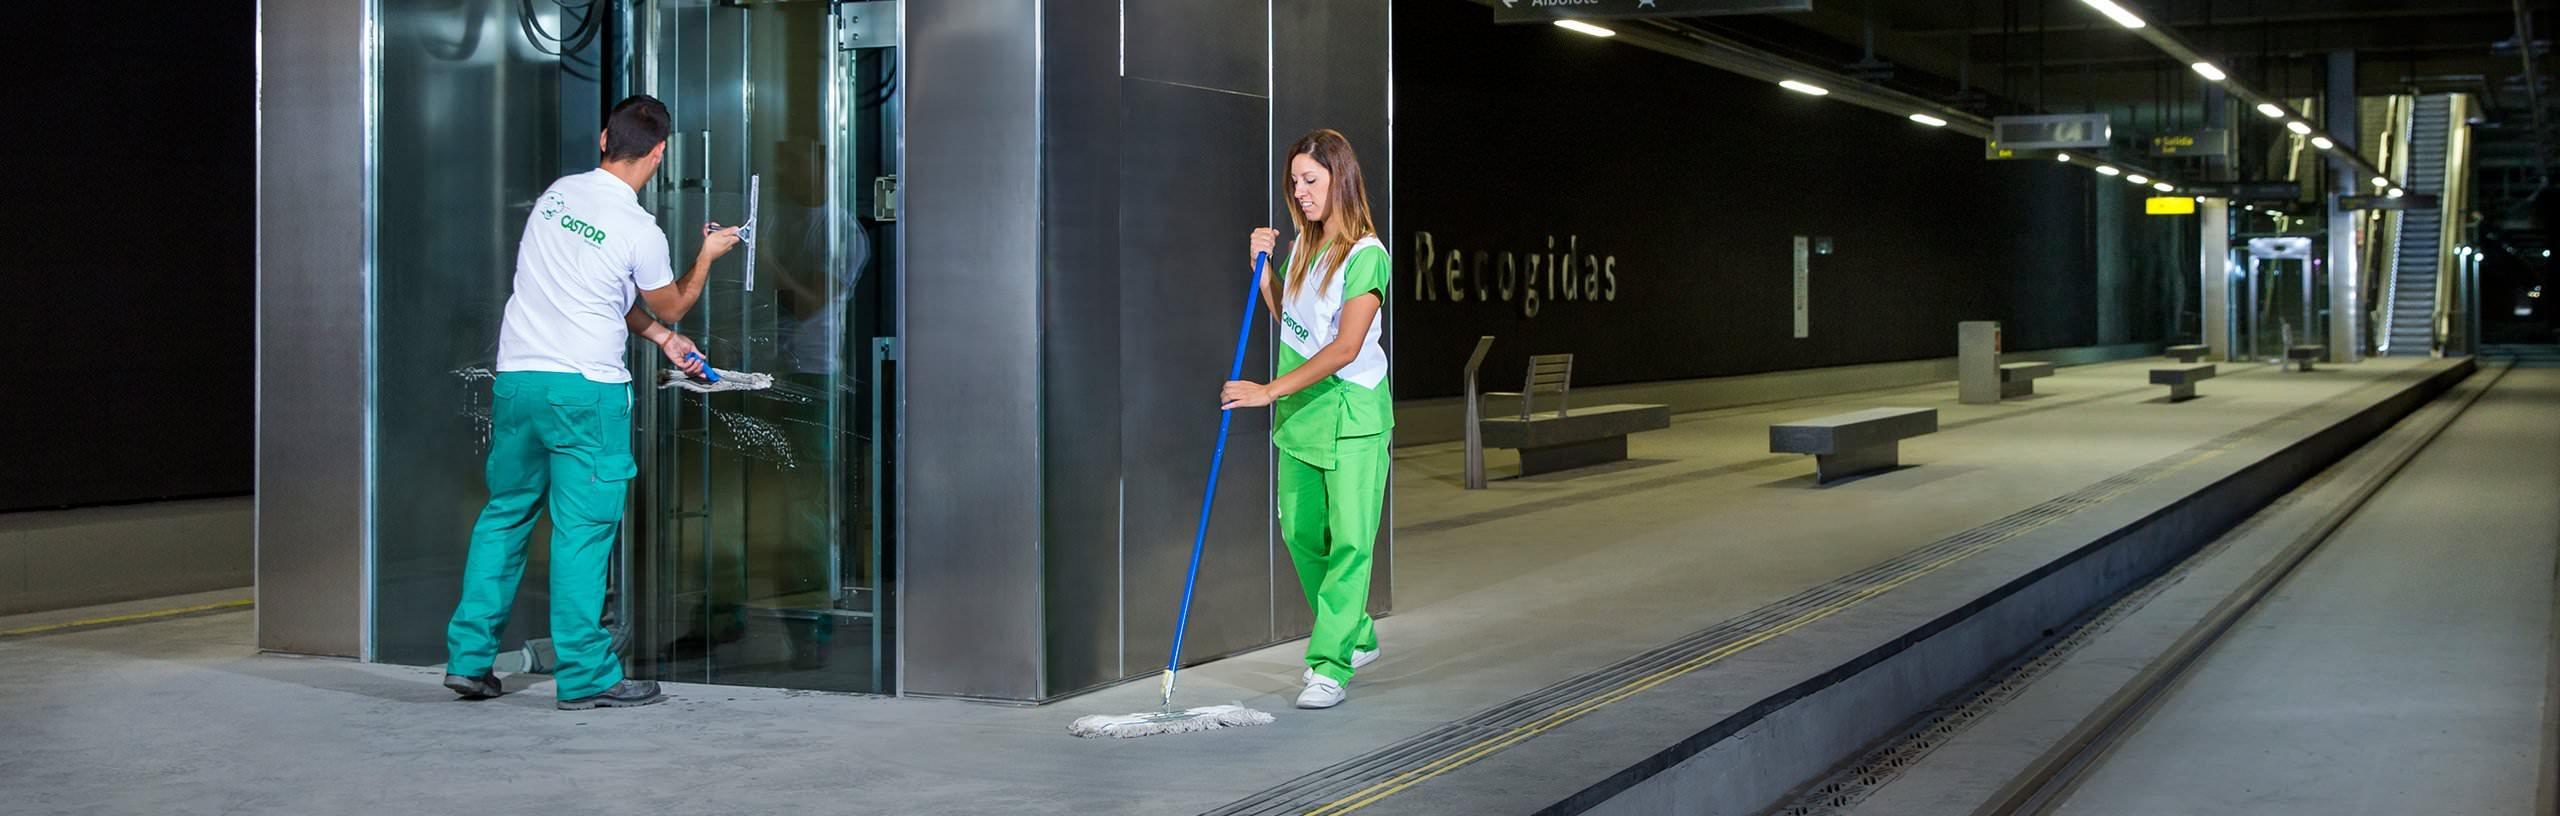 Limpiezas Castor. 4-1 Empresa de Limpieza. Limpiezas Castor